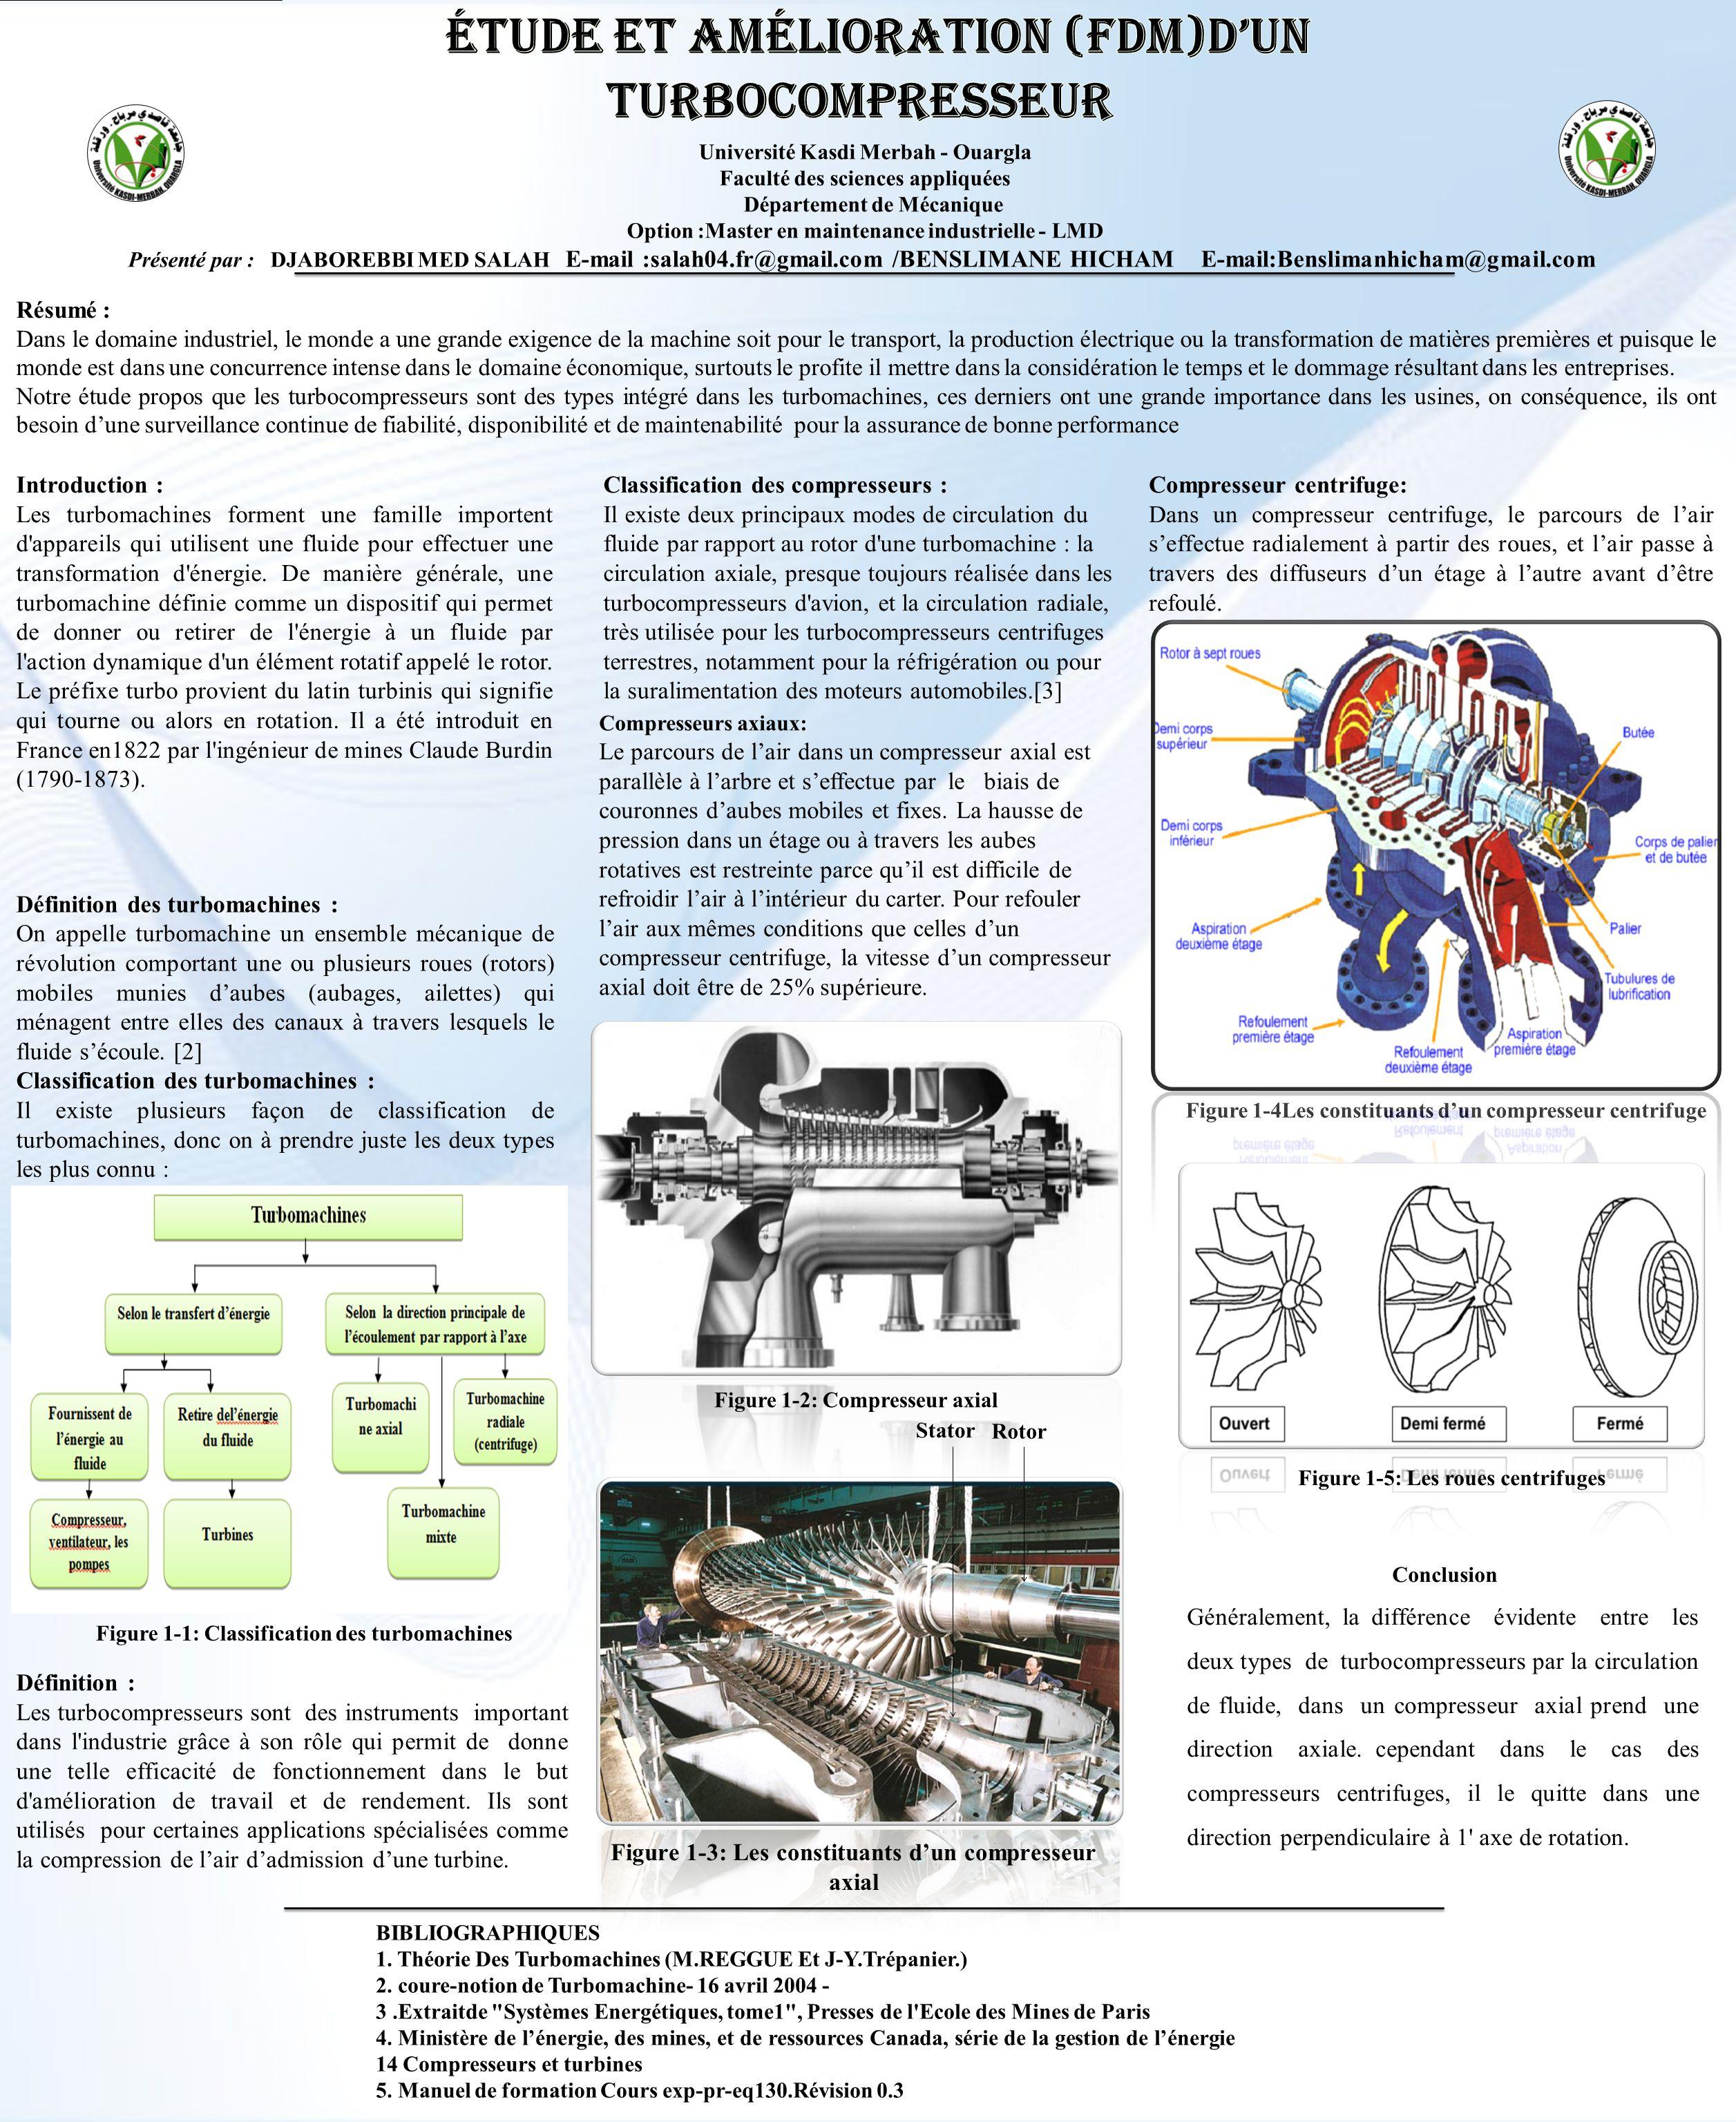 figure 1-3  les constituants d u2019un compresseur axial